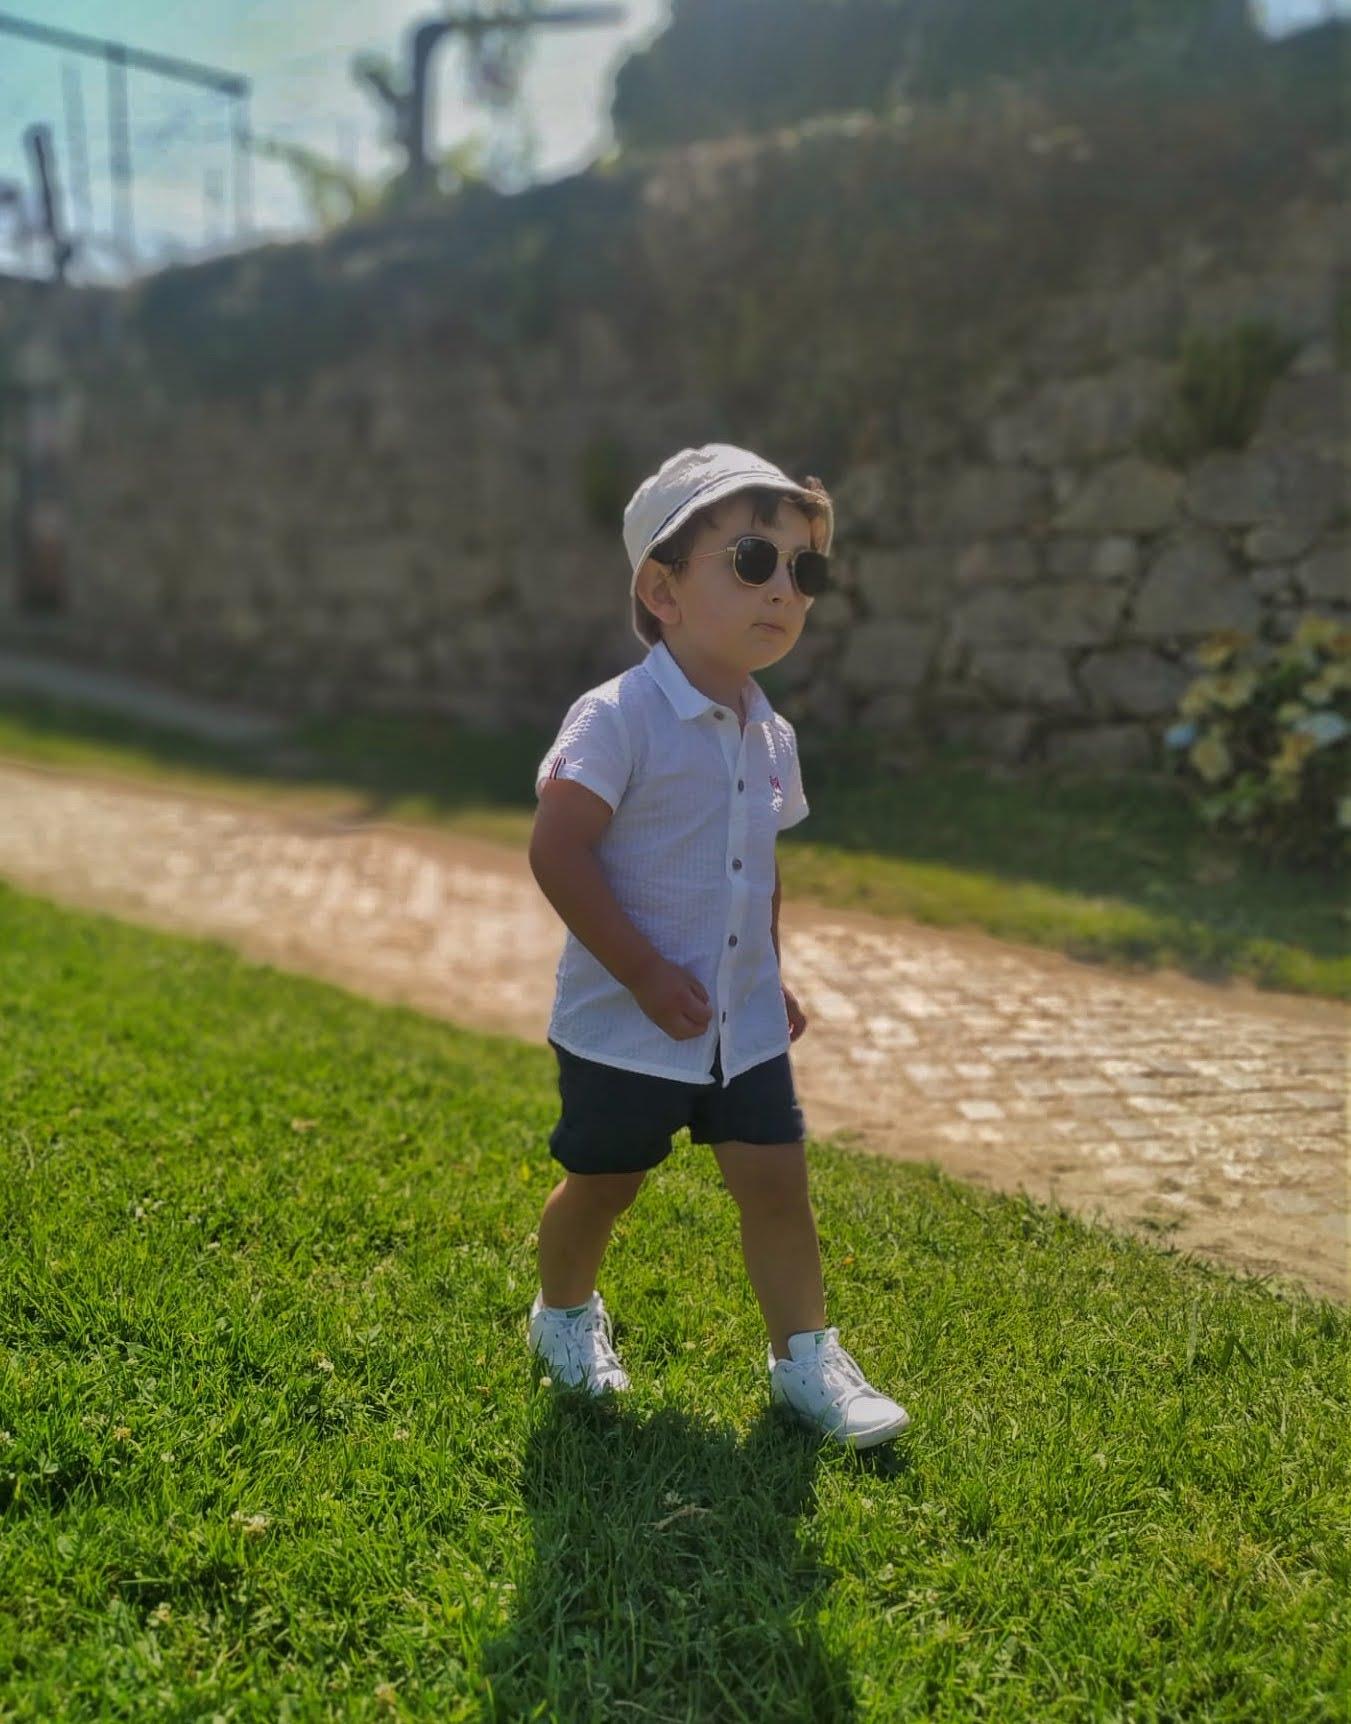 As crianças devem utilizar óculos de sol?